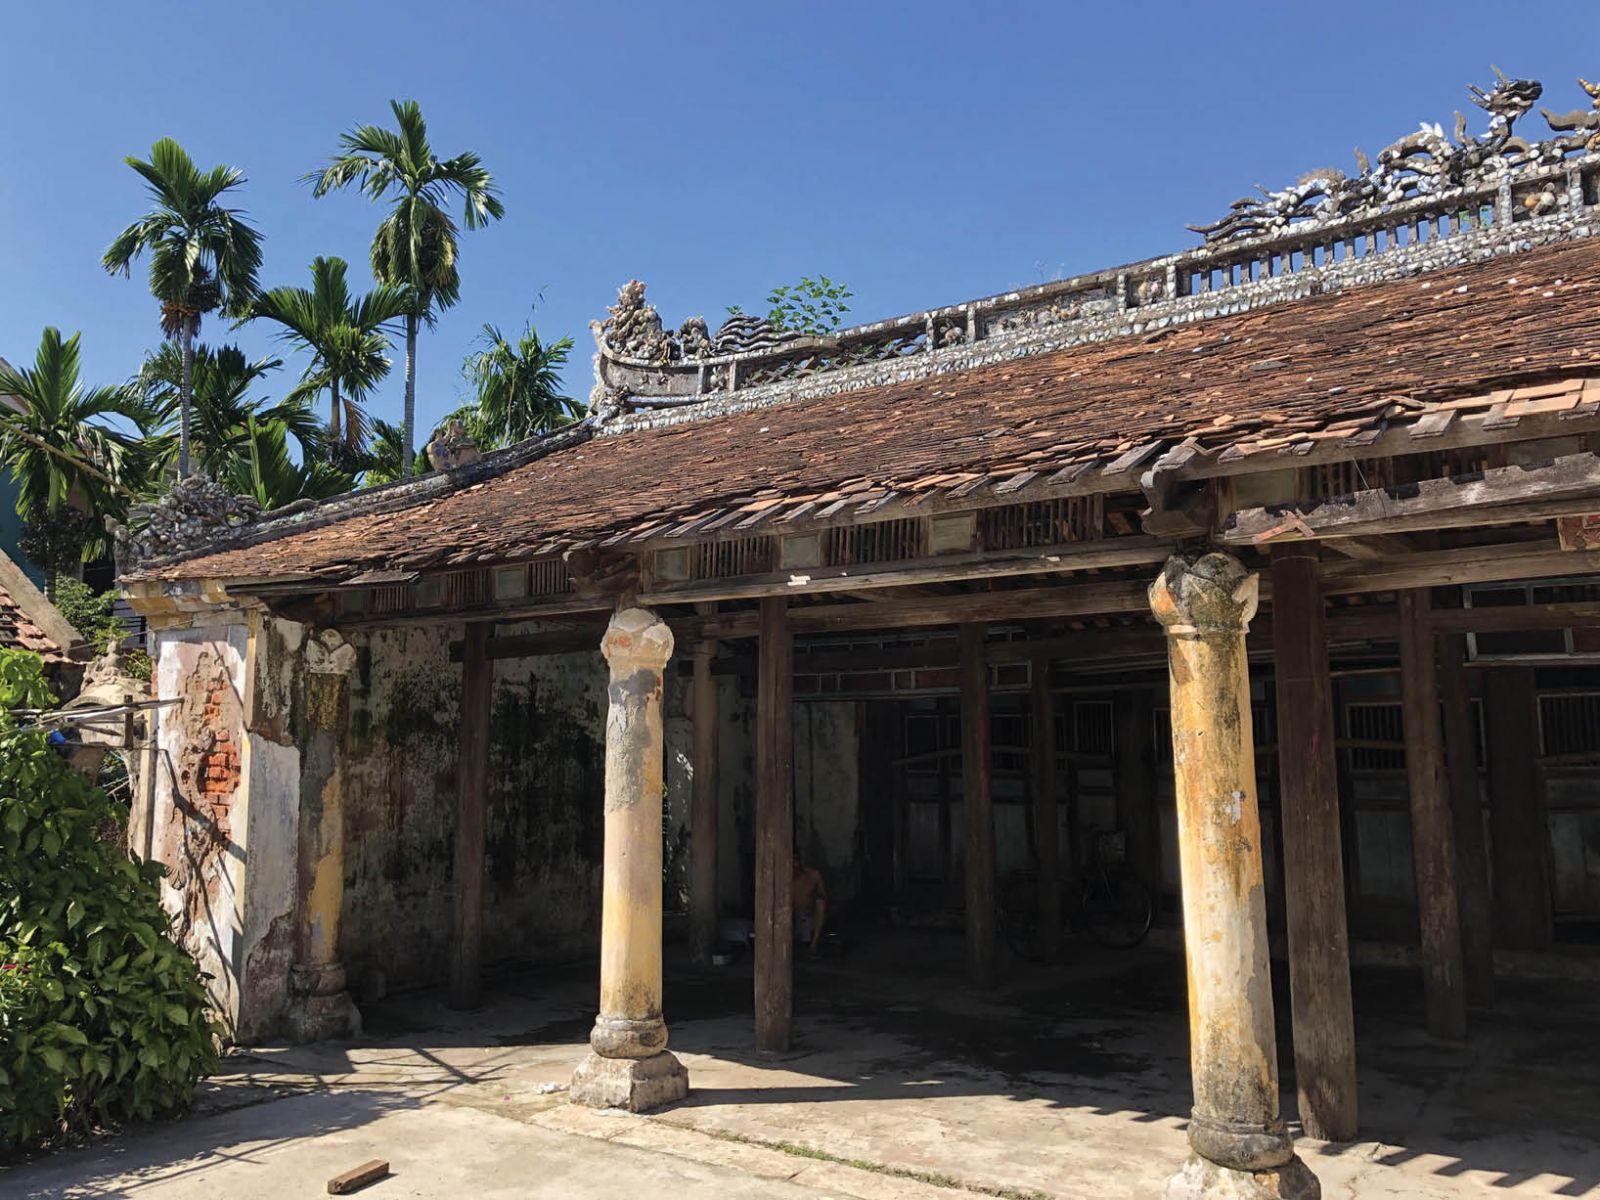 Quản lý, tu bổ, tôn tạo di tích và phát huy giá trị nhà vườn truyền thống ở Huế